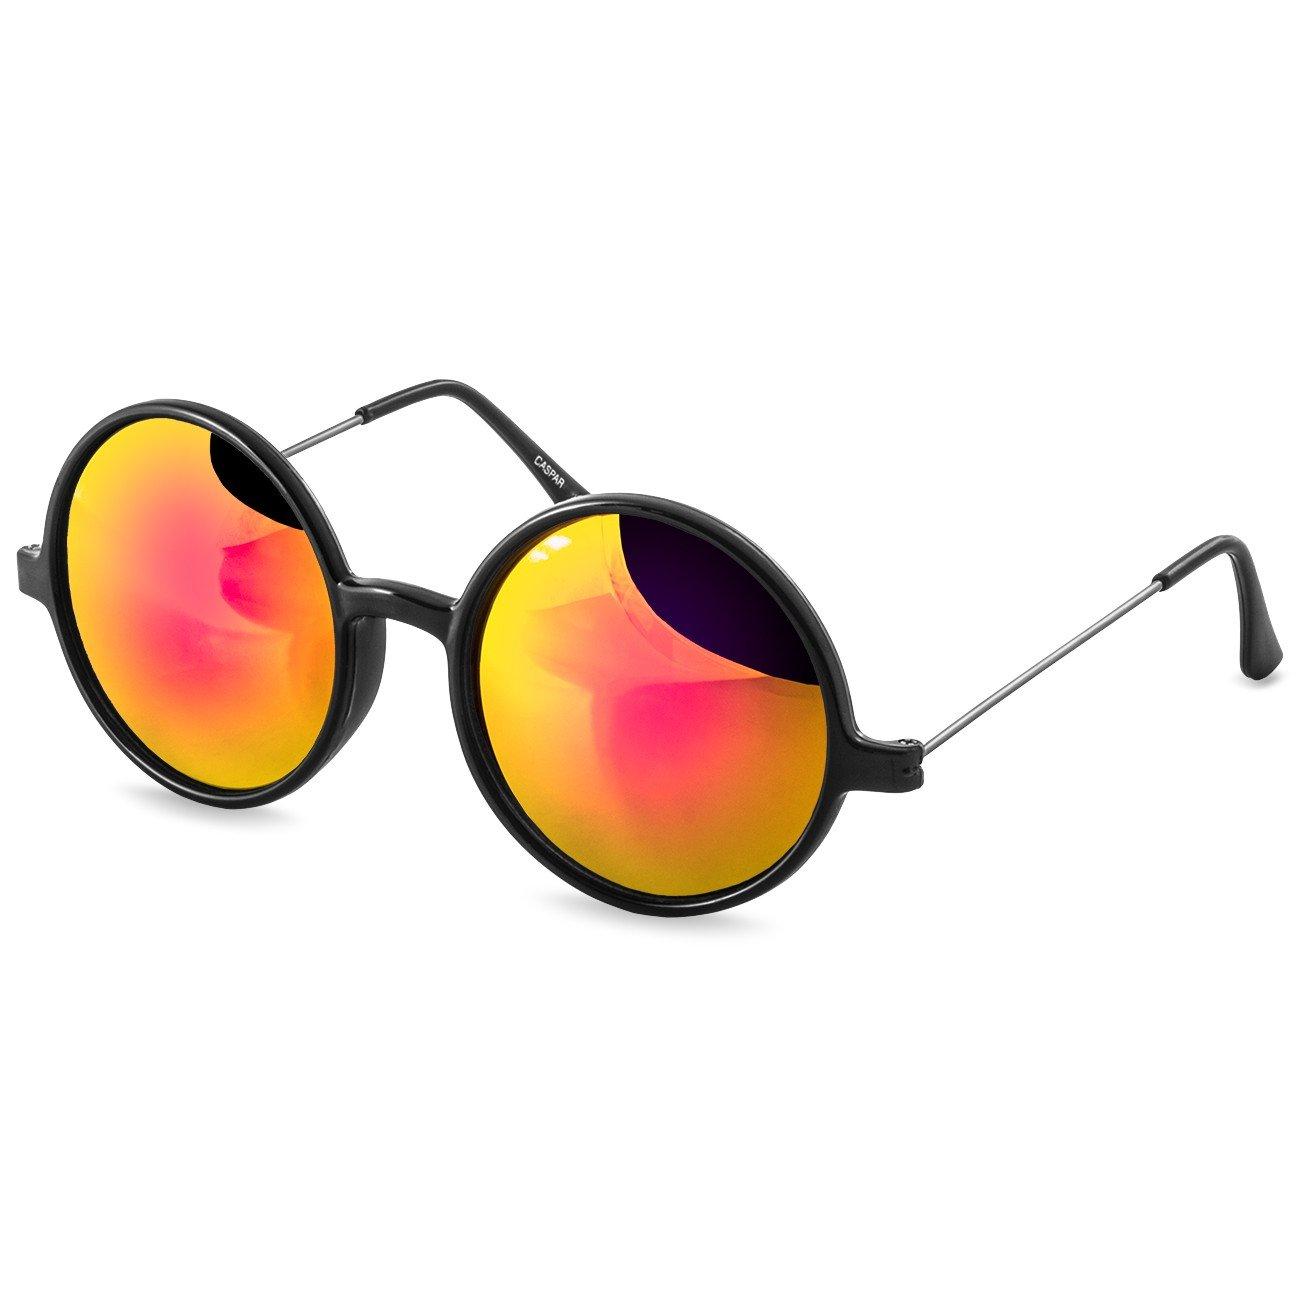 CASPAR Unisex Retro Sonnenbrille / Brille / Nickelbrille mit runden Gläsern bunt verspiegelt - viele Farben - SG021, Farbe:schwarz / silber verspiegelt